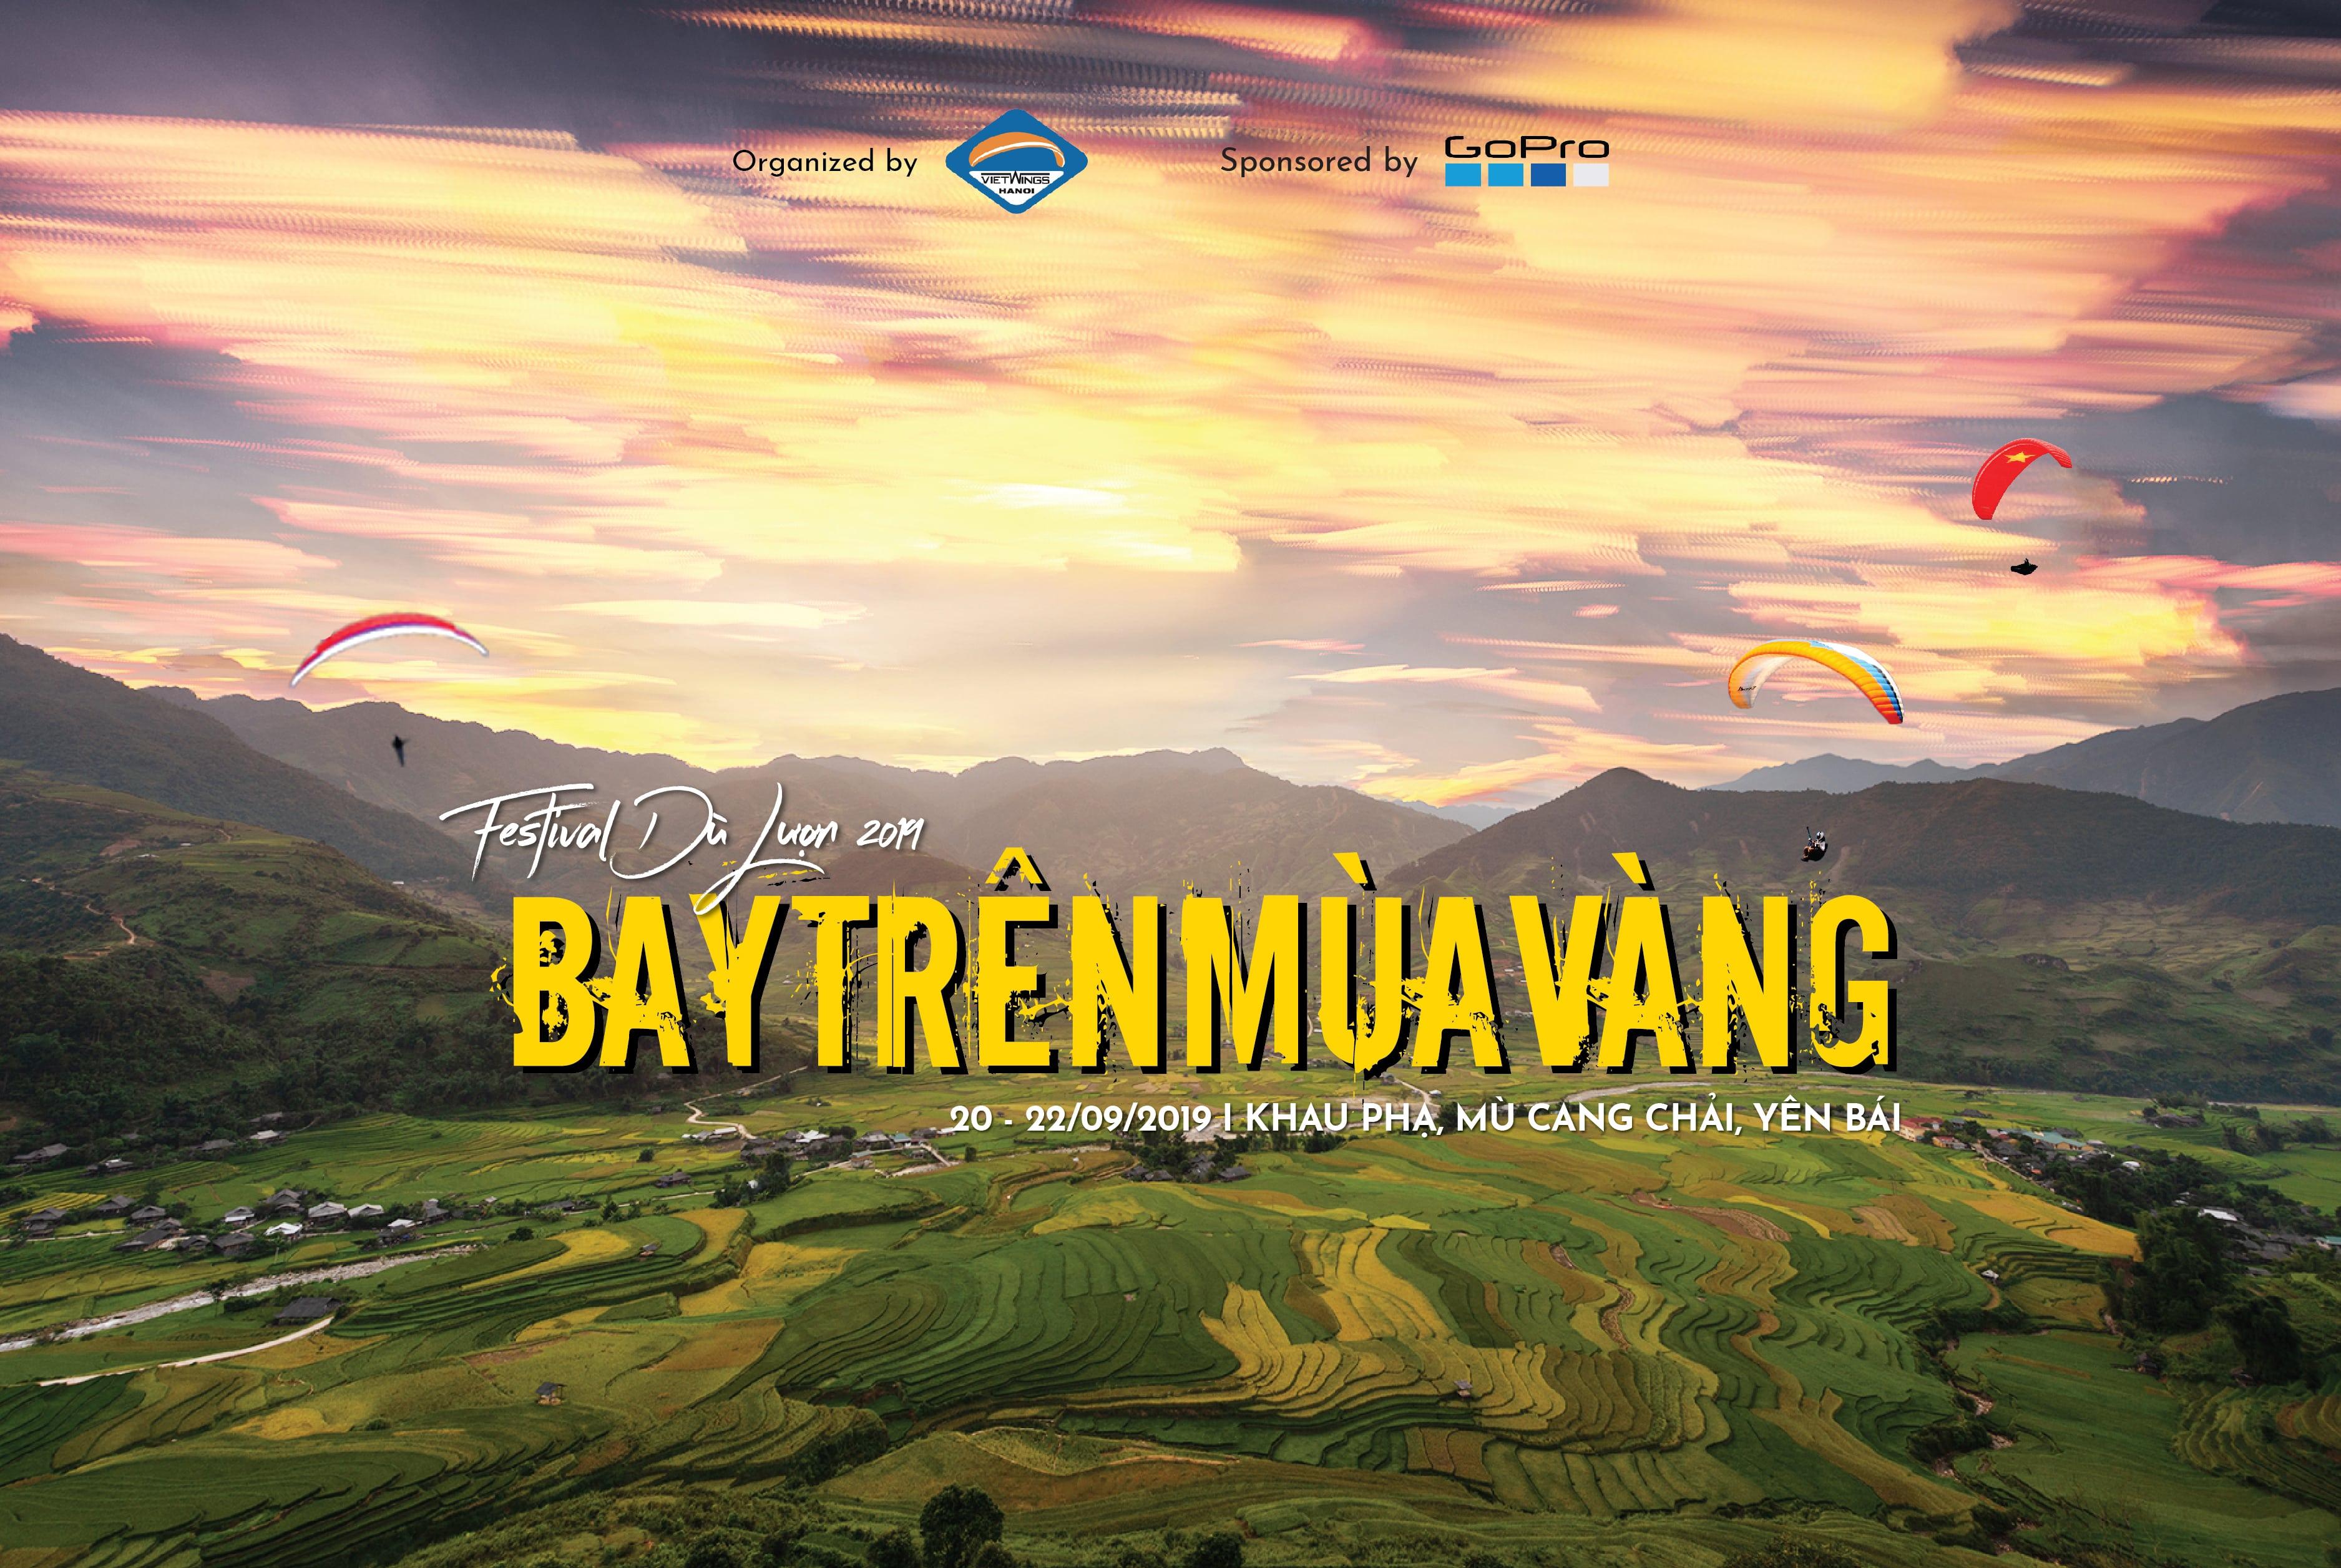 """""""Bay trên mùa vàng"""" Festival dù lượn năm 2019 tại Đèo Khâu Phạ, Mù Cang Chải, Yên Bái"""